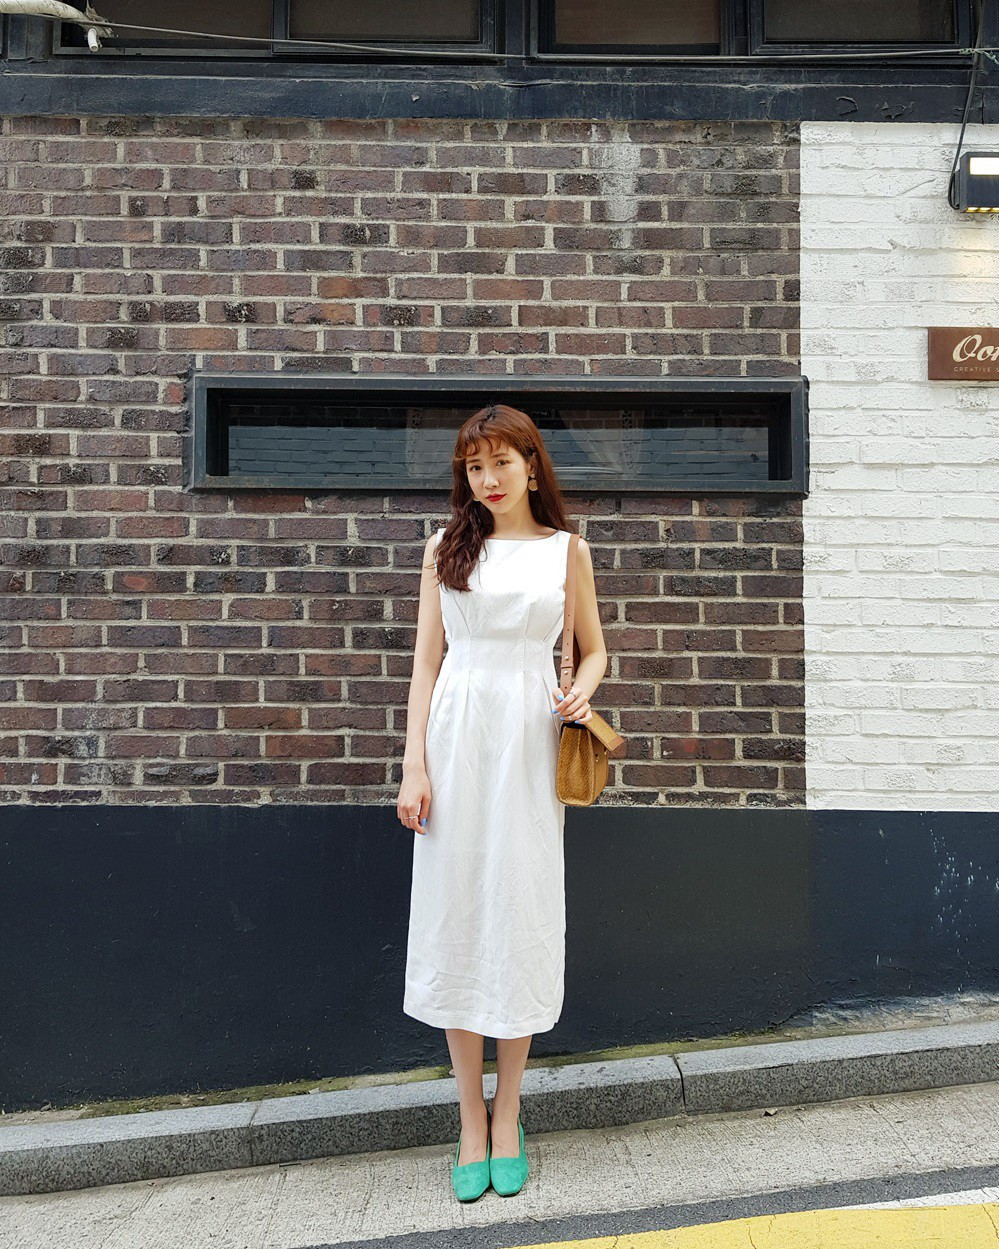 6 items thời trang các quý cô ngoài 30 tuổi cần có để thật xinh đẹp và cuốn hút trong mọi hoàn cảnh - Ảnh 12.